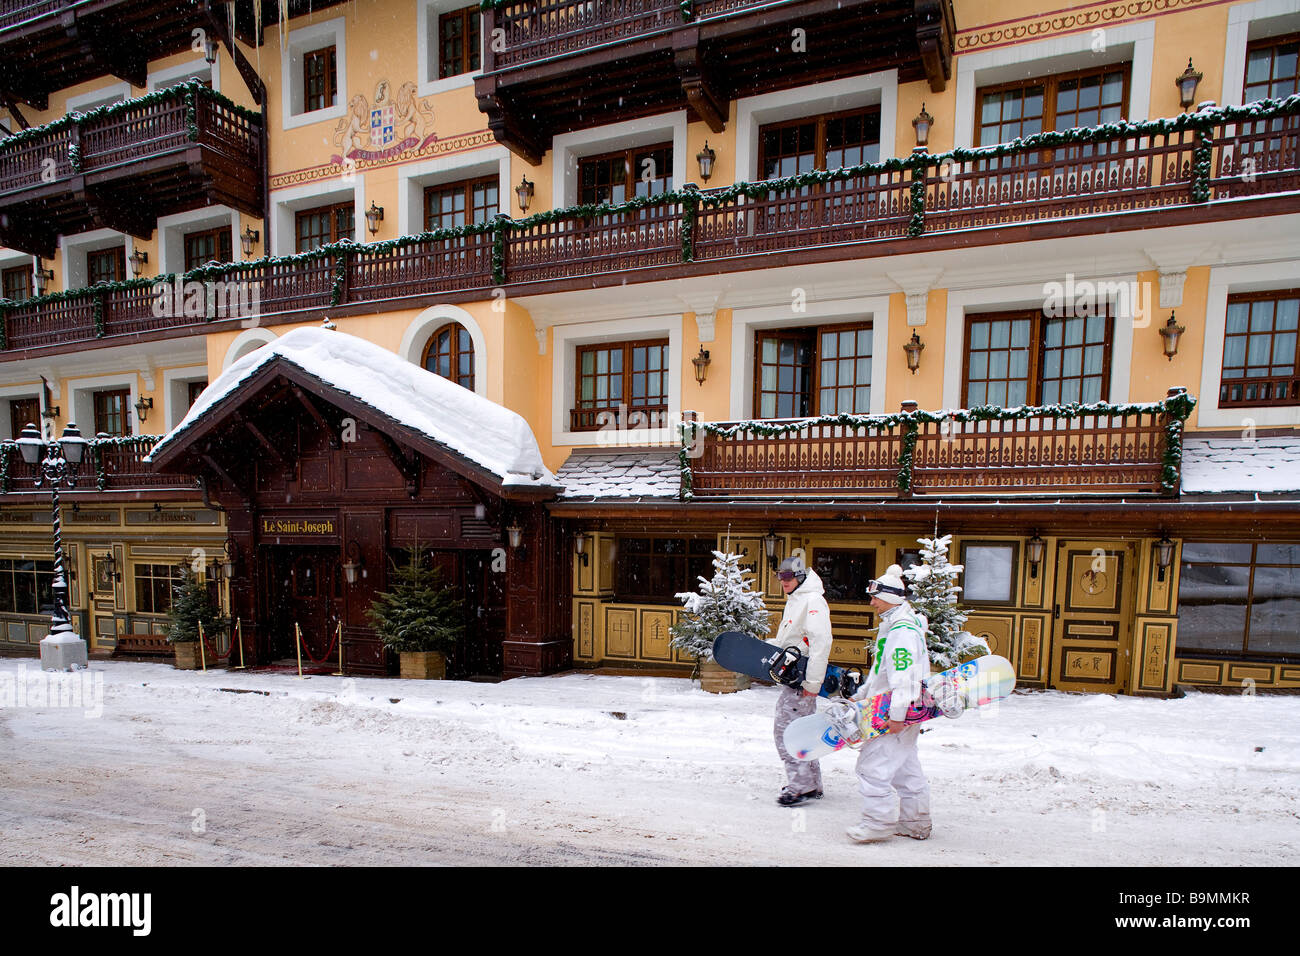 France savoie courchevel 1850 4 star hotel le saint joseph